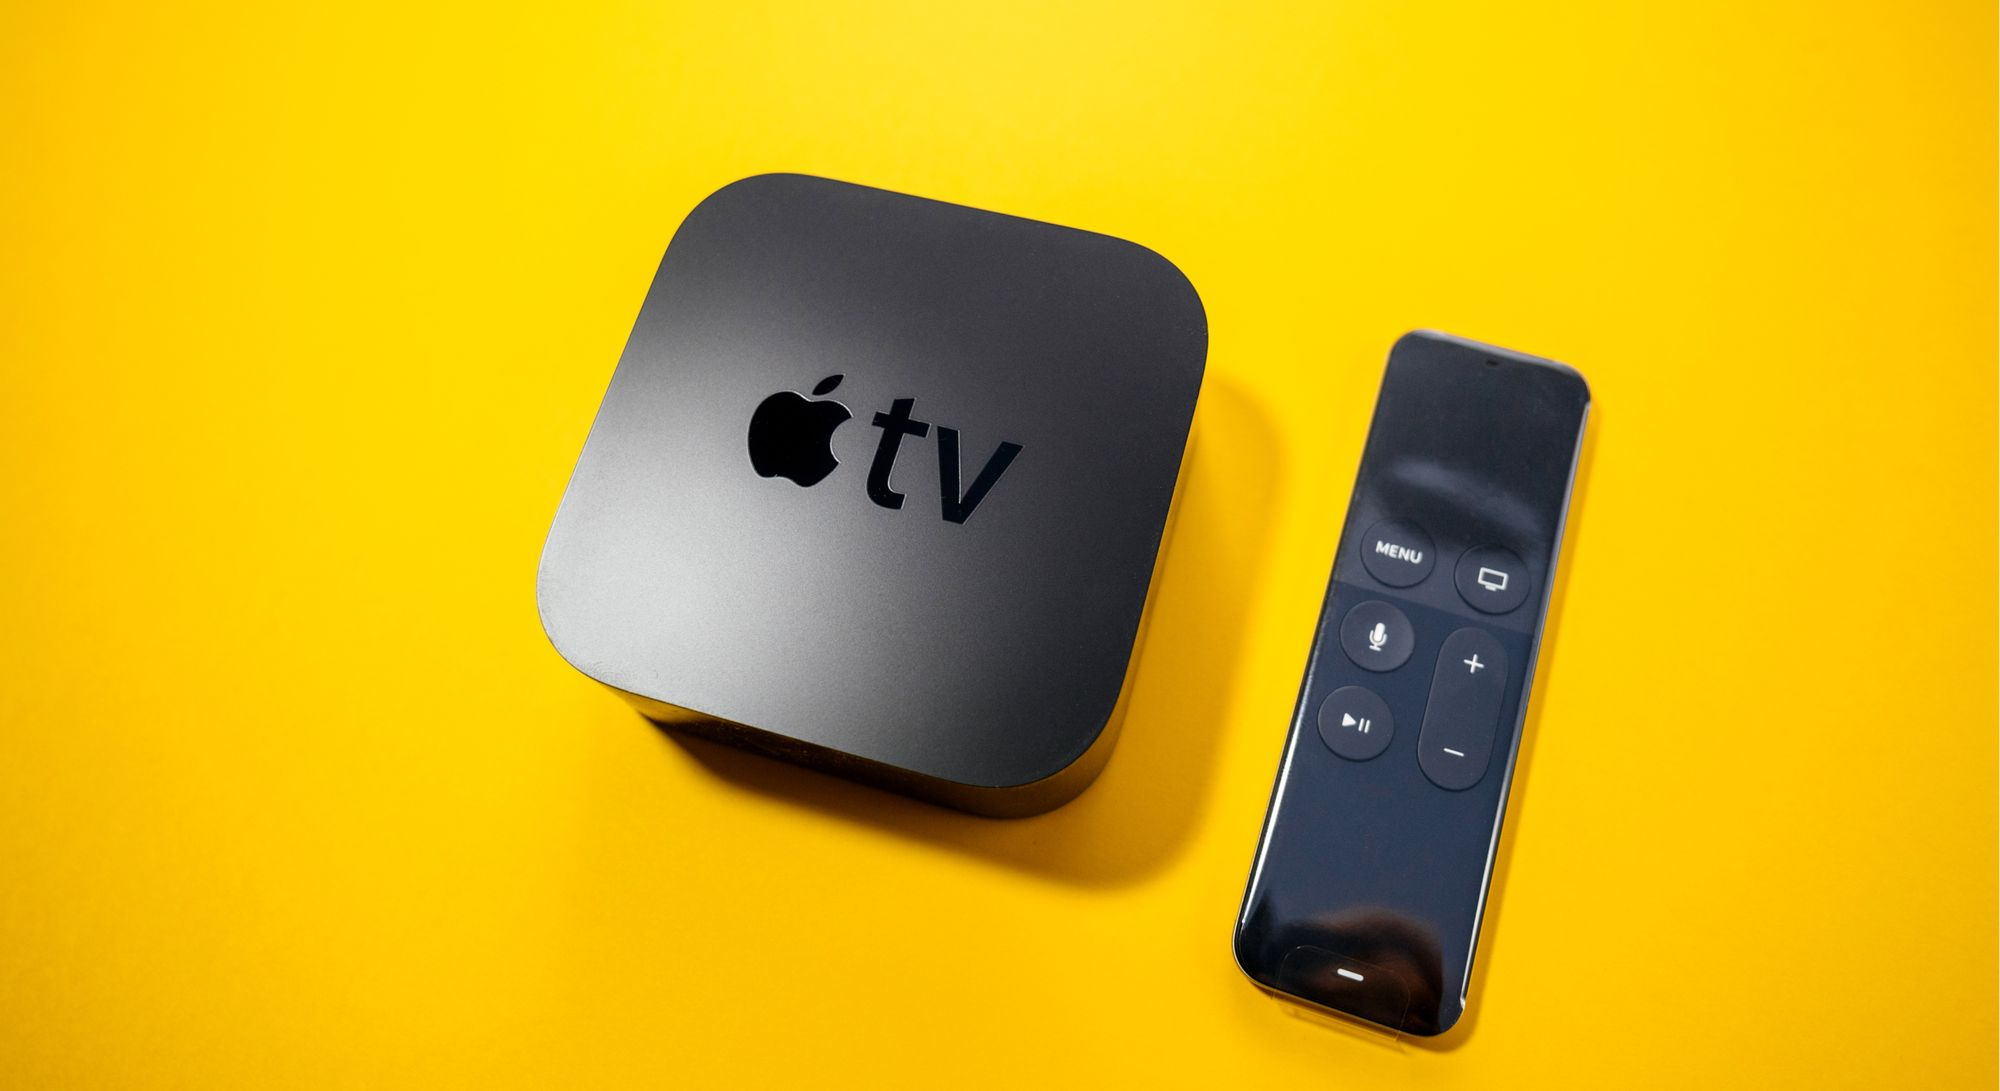 Design da Apple TV é clean e consegue se ajustar à qualquer ambiente. (Imagem: Hadrian/Shutterstock)